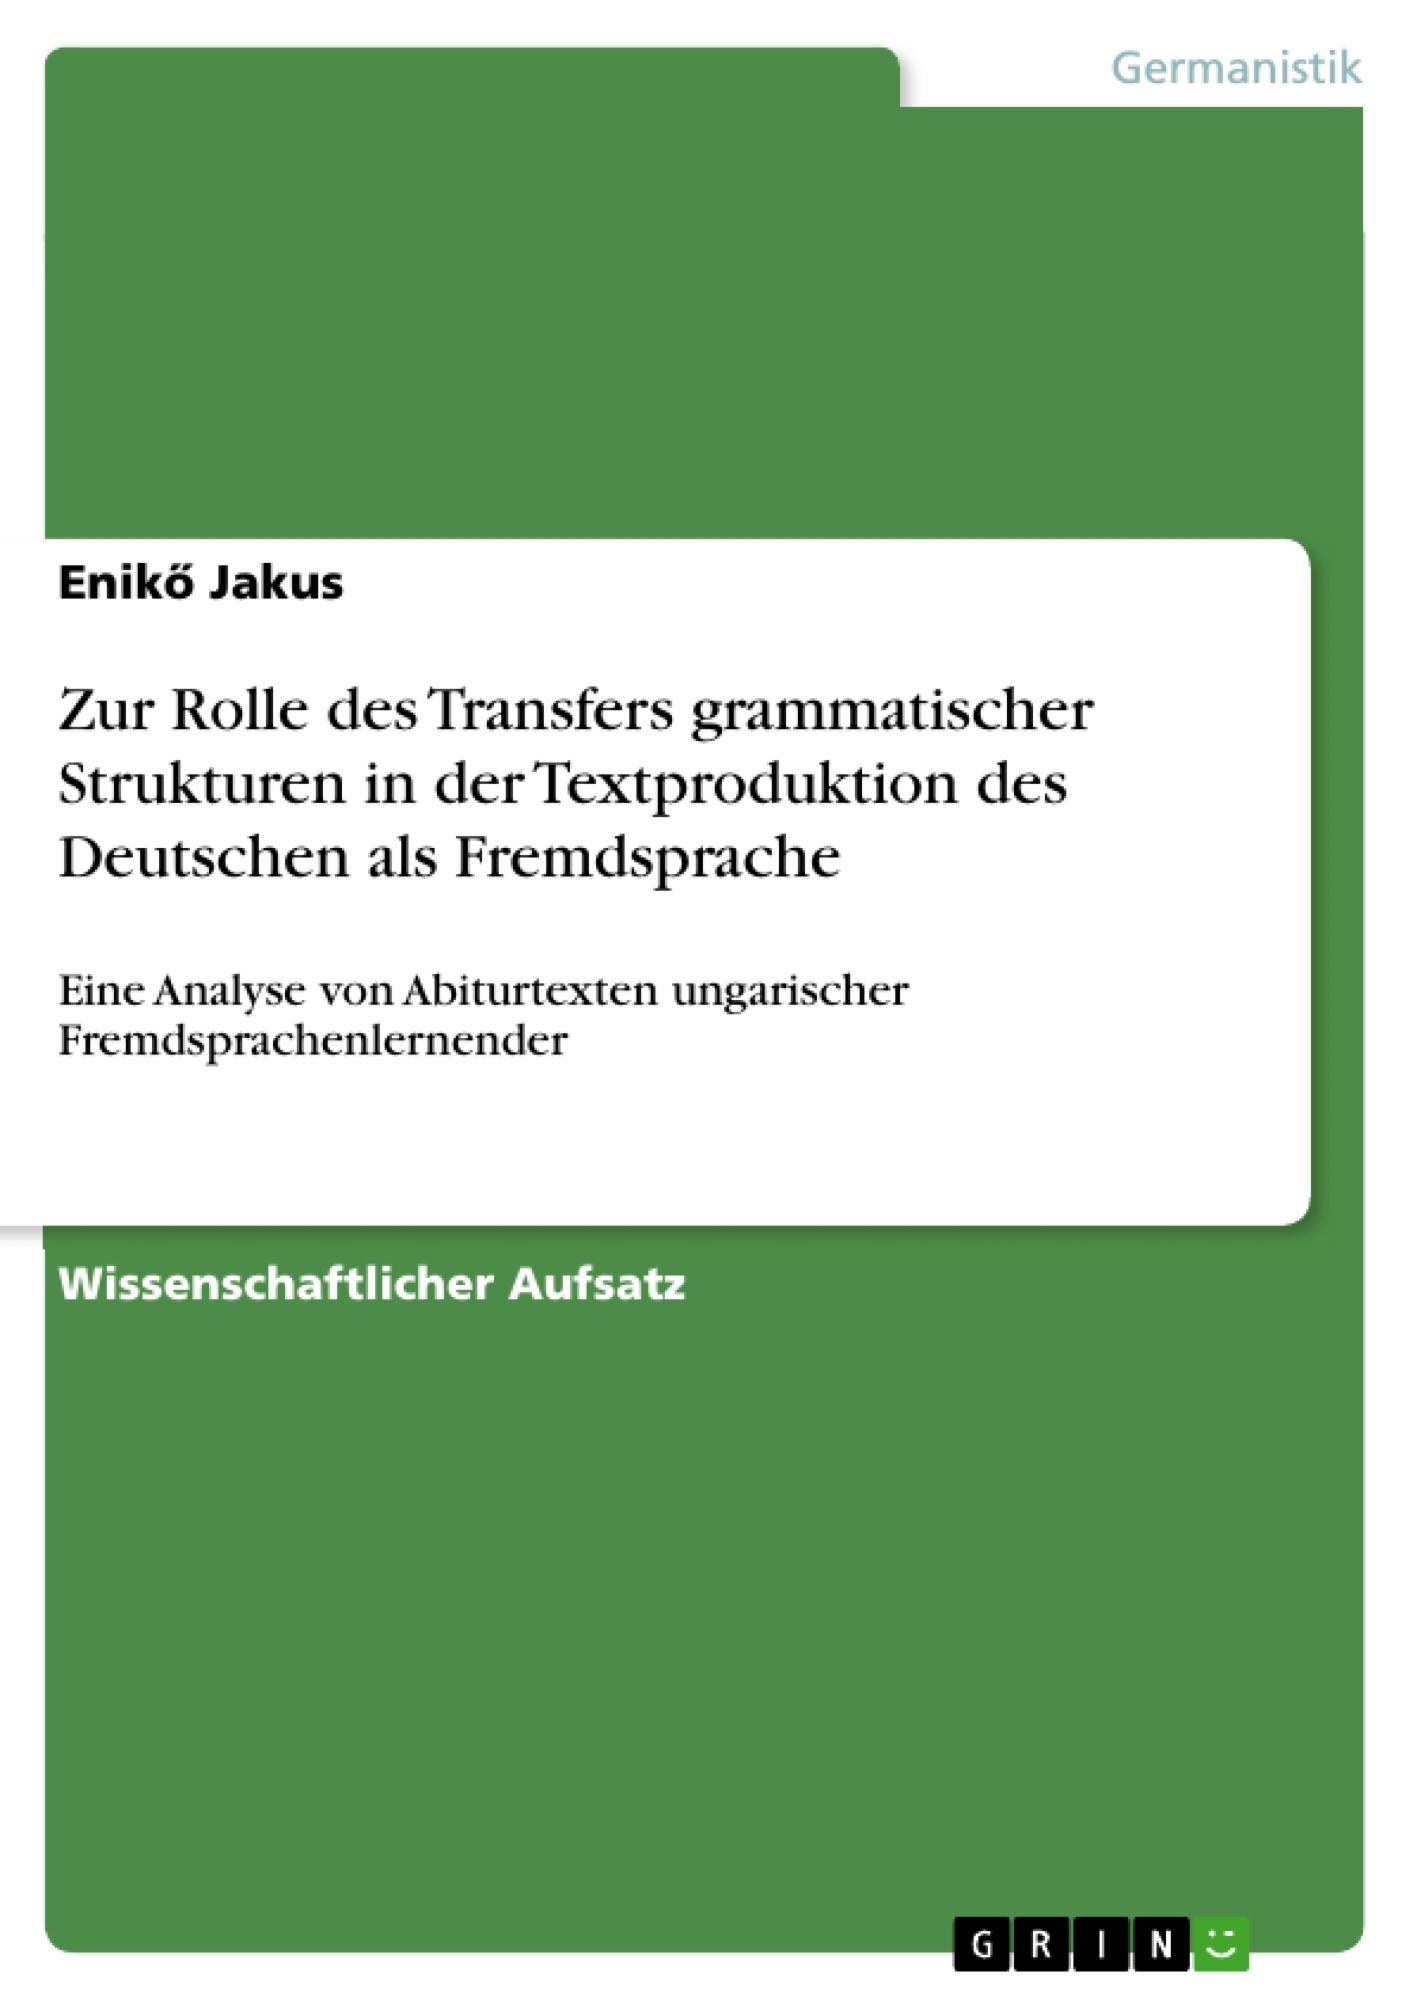 Titel: Zur Rolle des Transfers grammatischer Strukturen in der Textproduktion des Deutschen als Fremdsprache